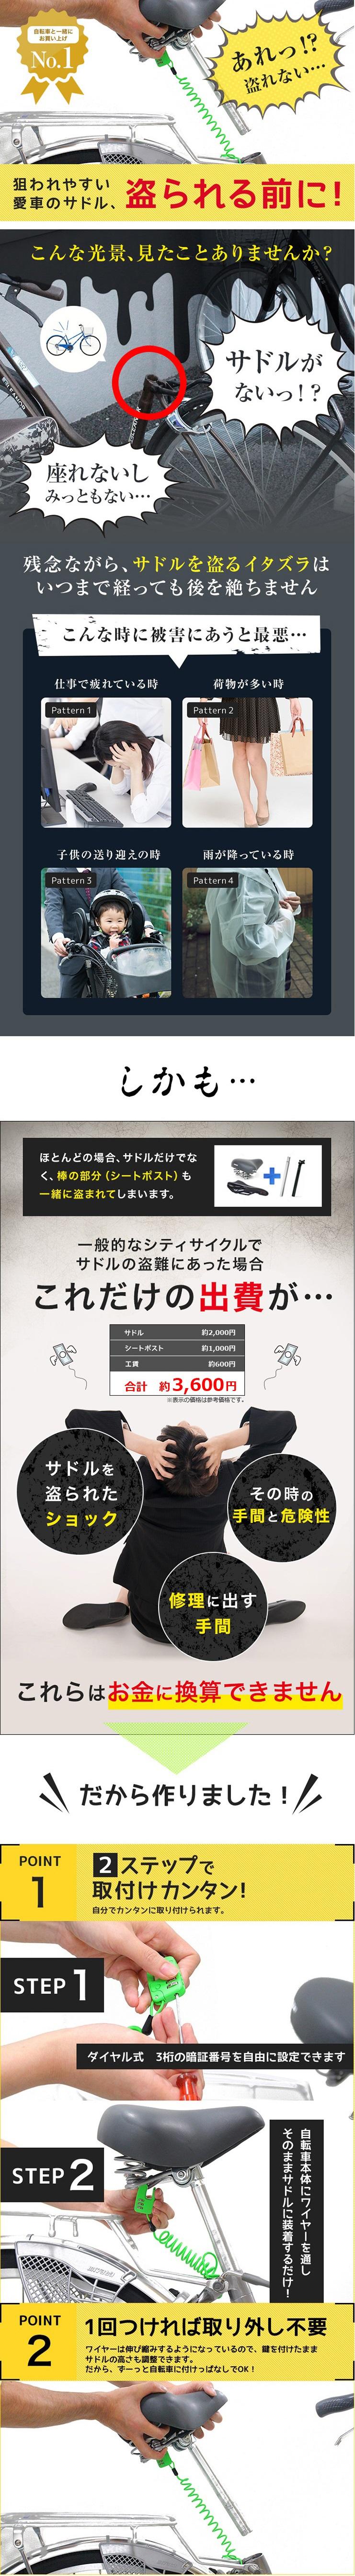 サドルワイヤーリフレクト -K 暗証番号式 サドル盗難防止に効果的! リフレクト付きワイヤー錠